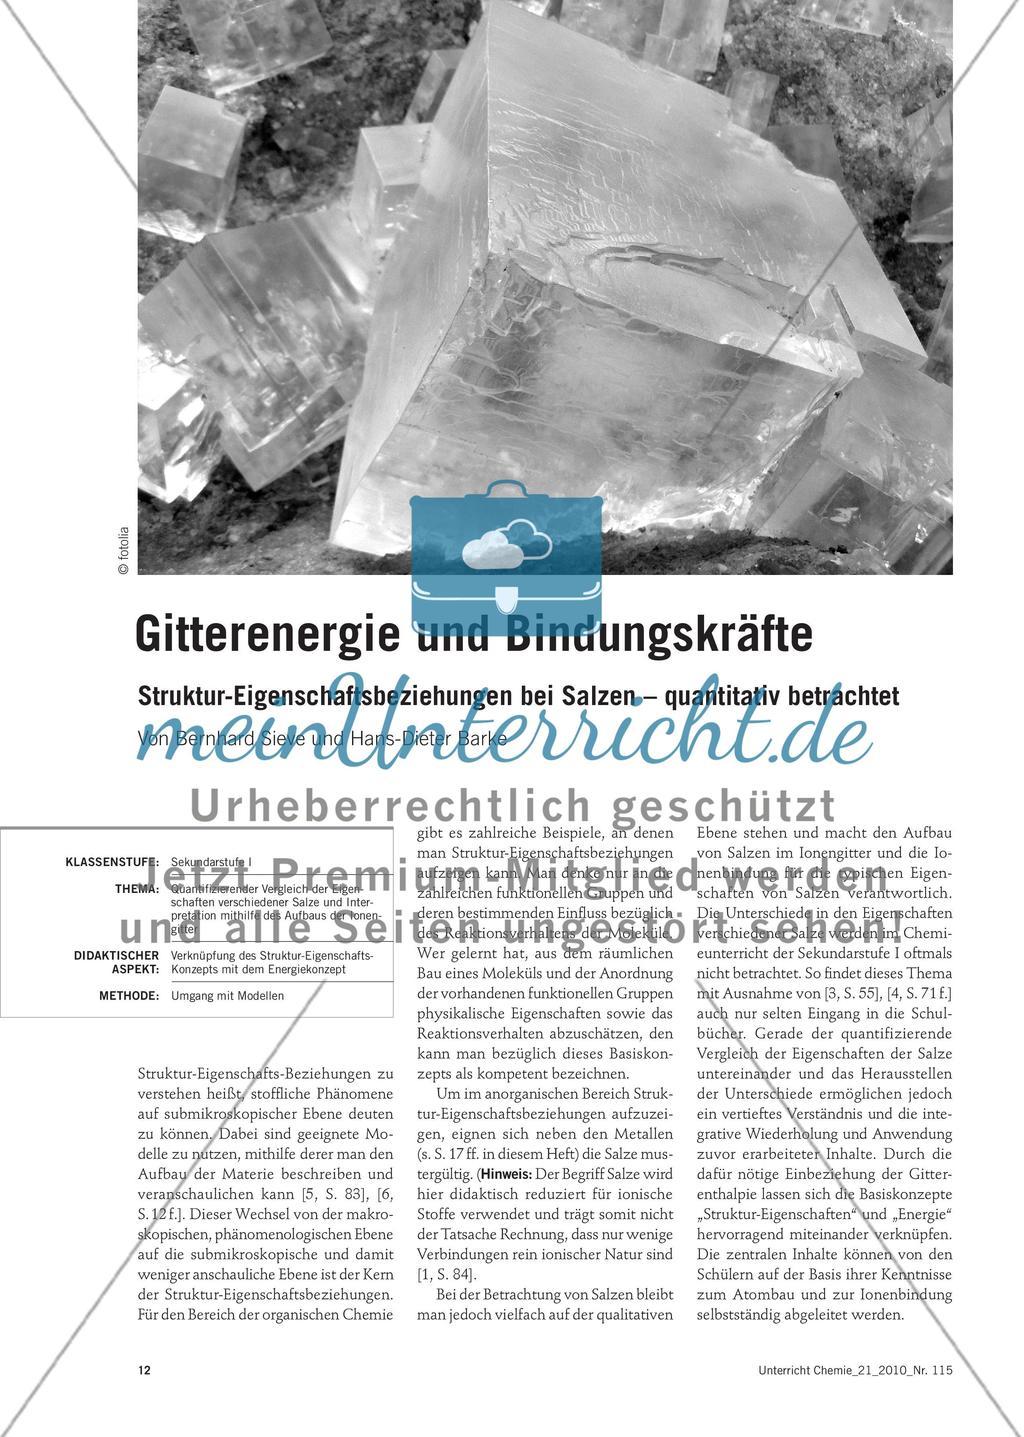 Gitterenergie und Bindungskräfte - Struktur-Eigenschaftsbeziehungen bei Salzen – quantitativ betrachtet Preview 1